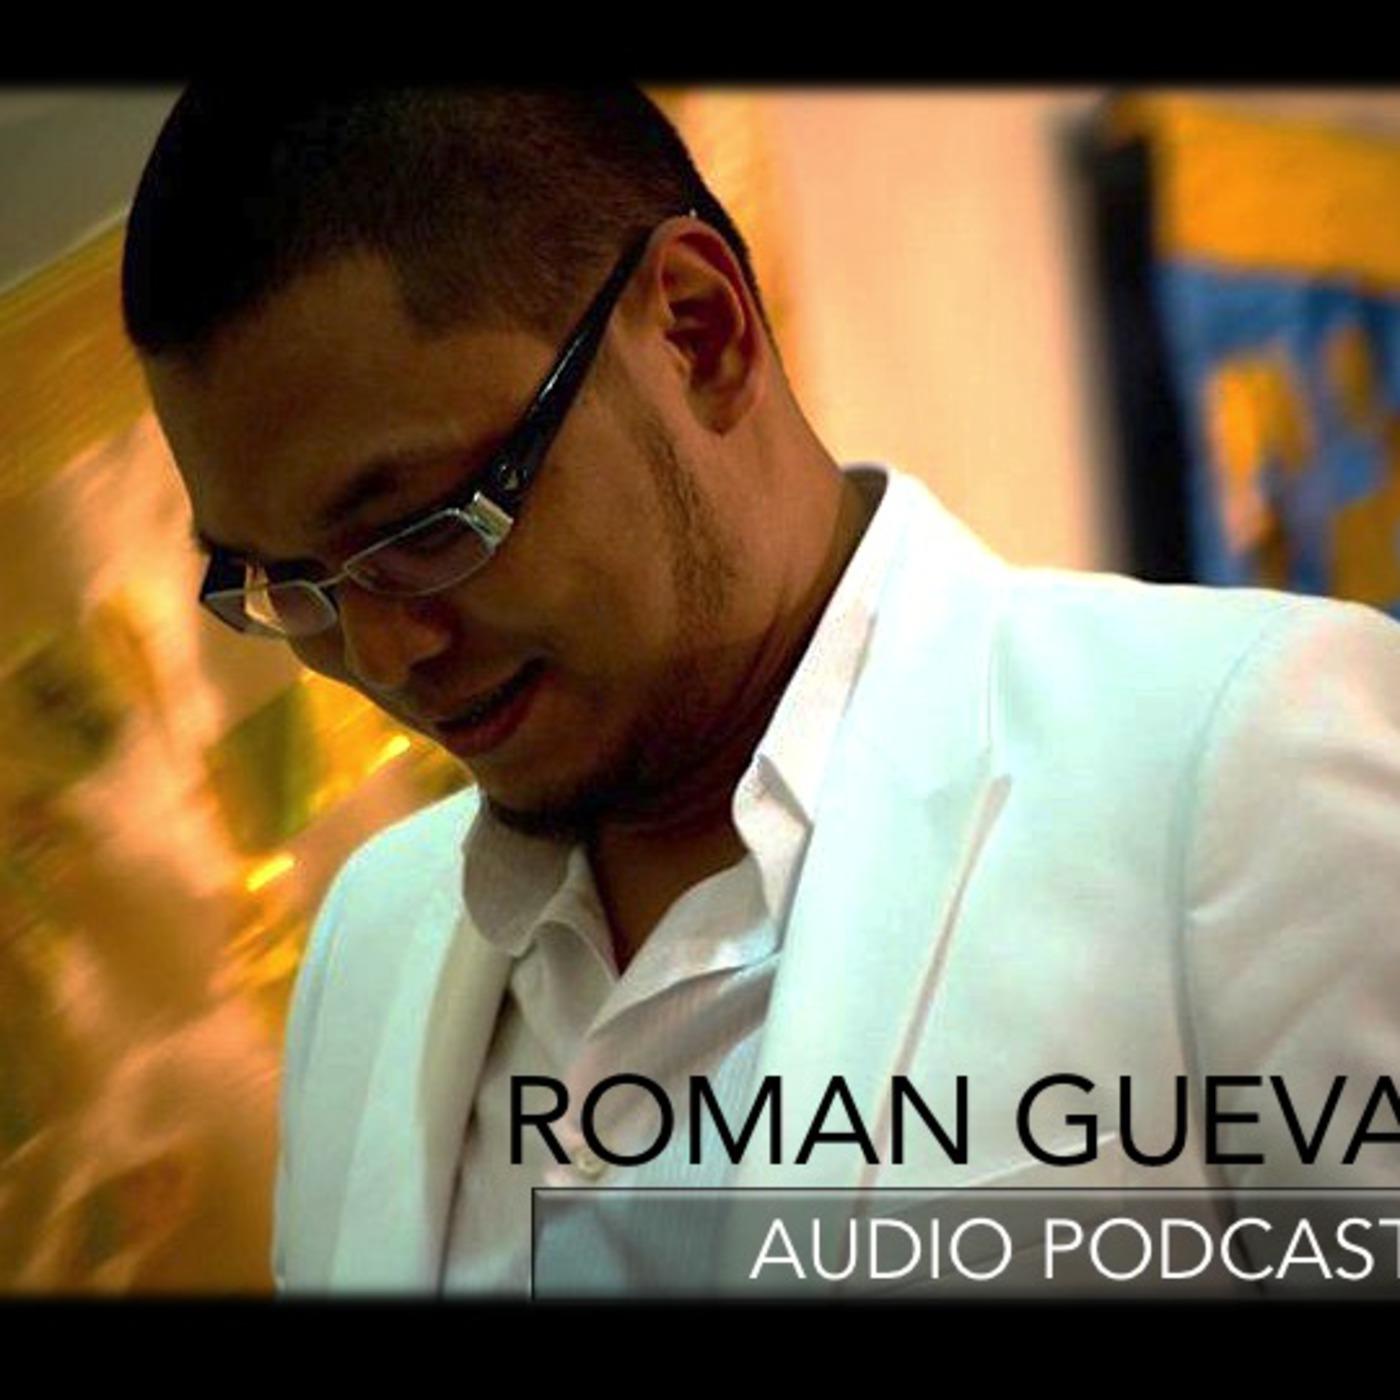 ROMAN GUEVARA's Podcast